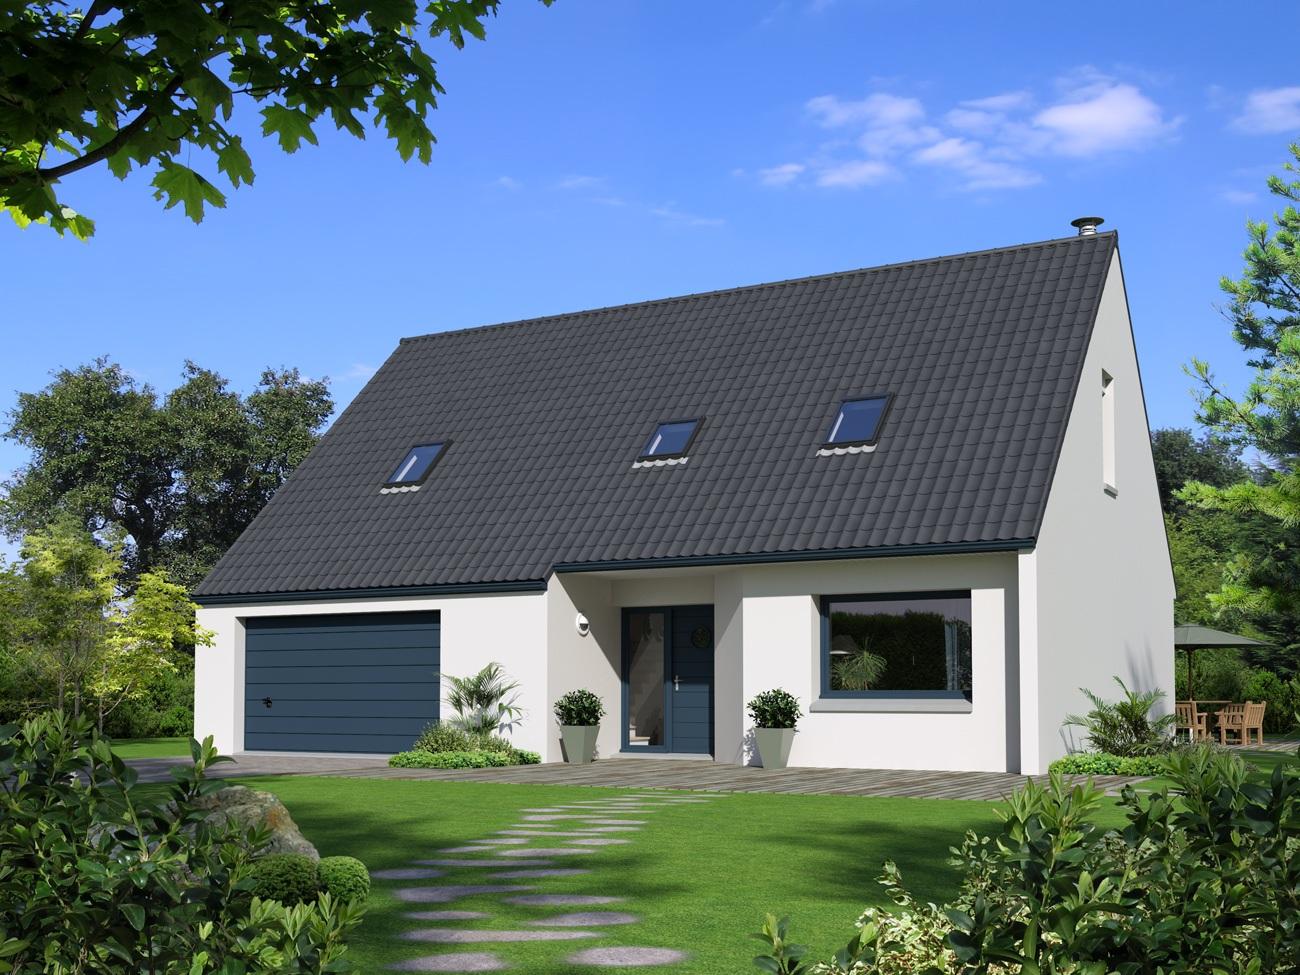 Maisons + Terrains du constructeur MAISON FAMILIALE • 107 m² • FOUQUIERES LES LENS